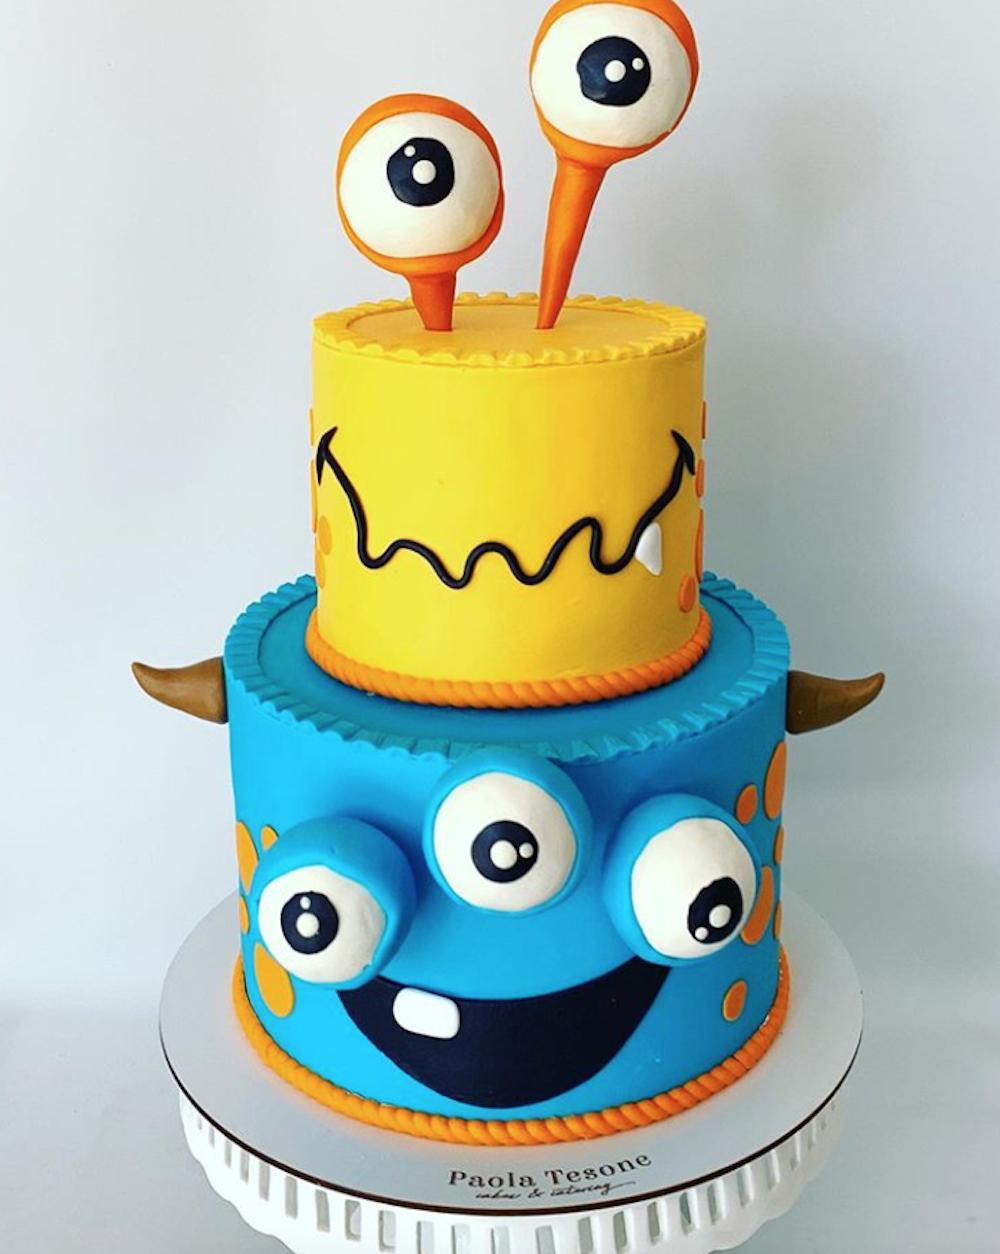 Funny Monster birthday cake